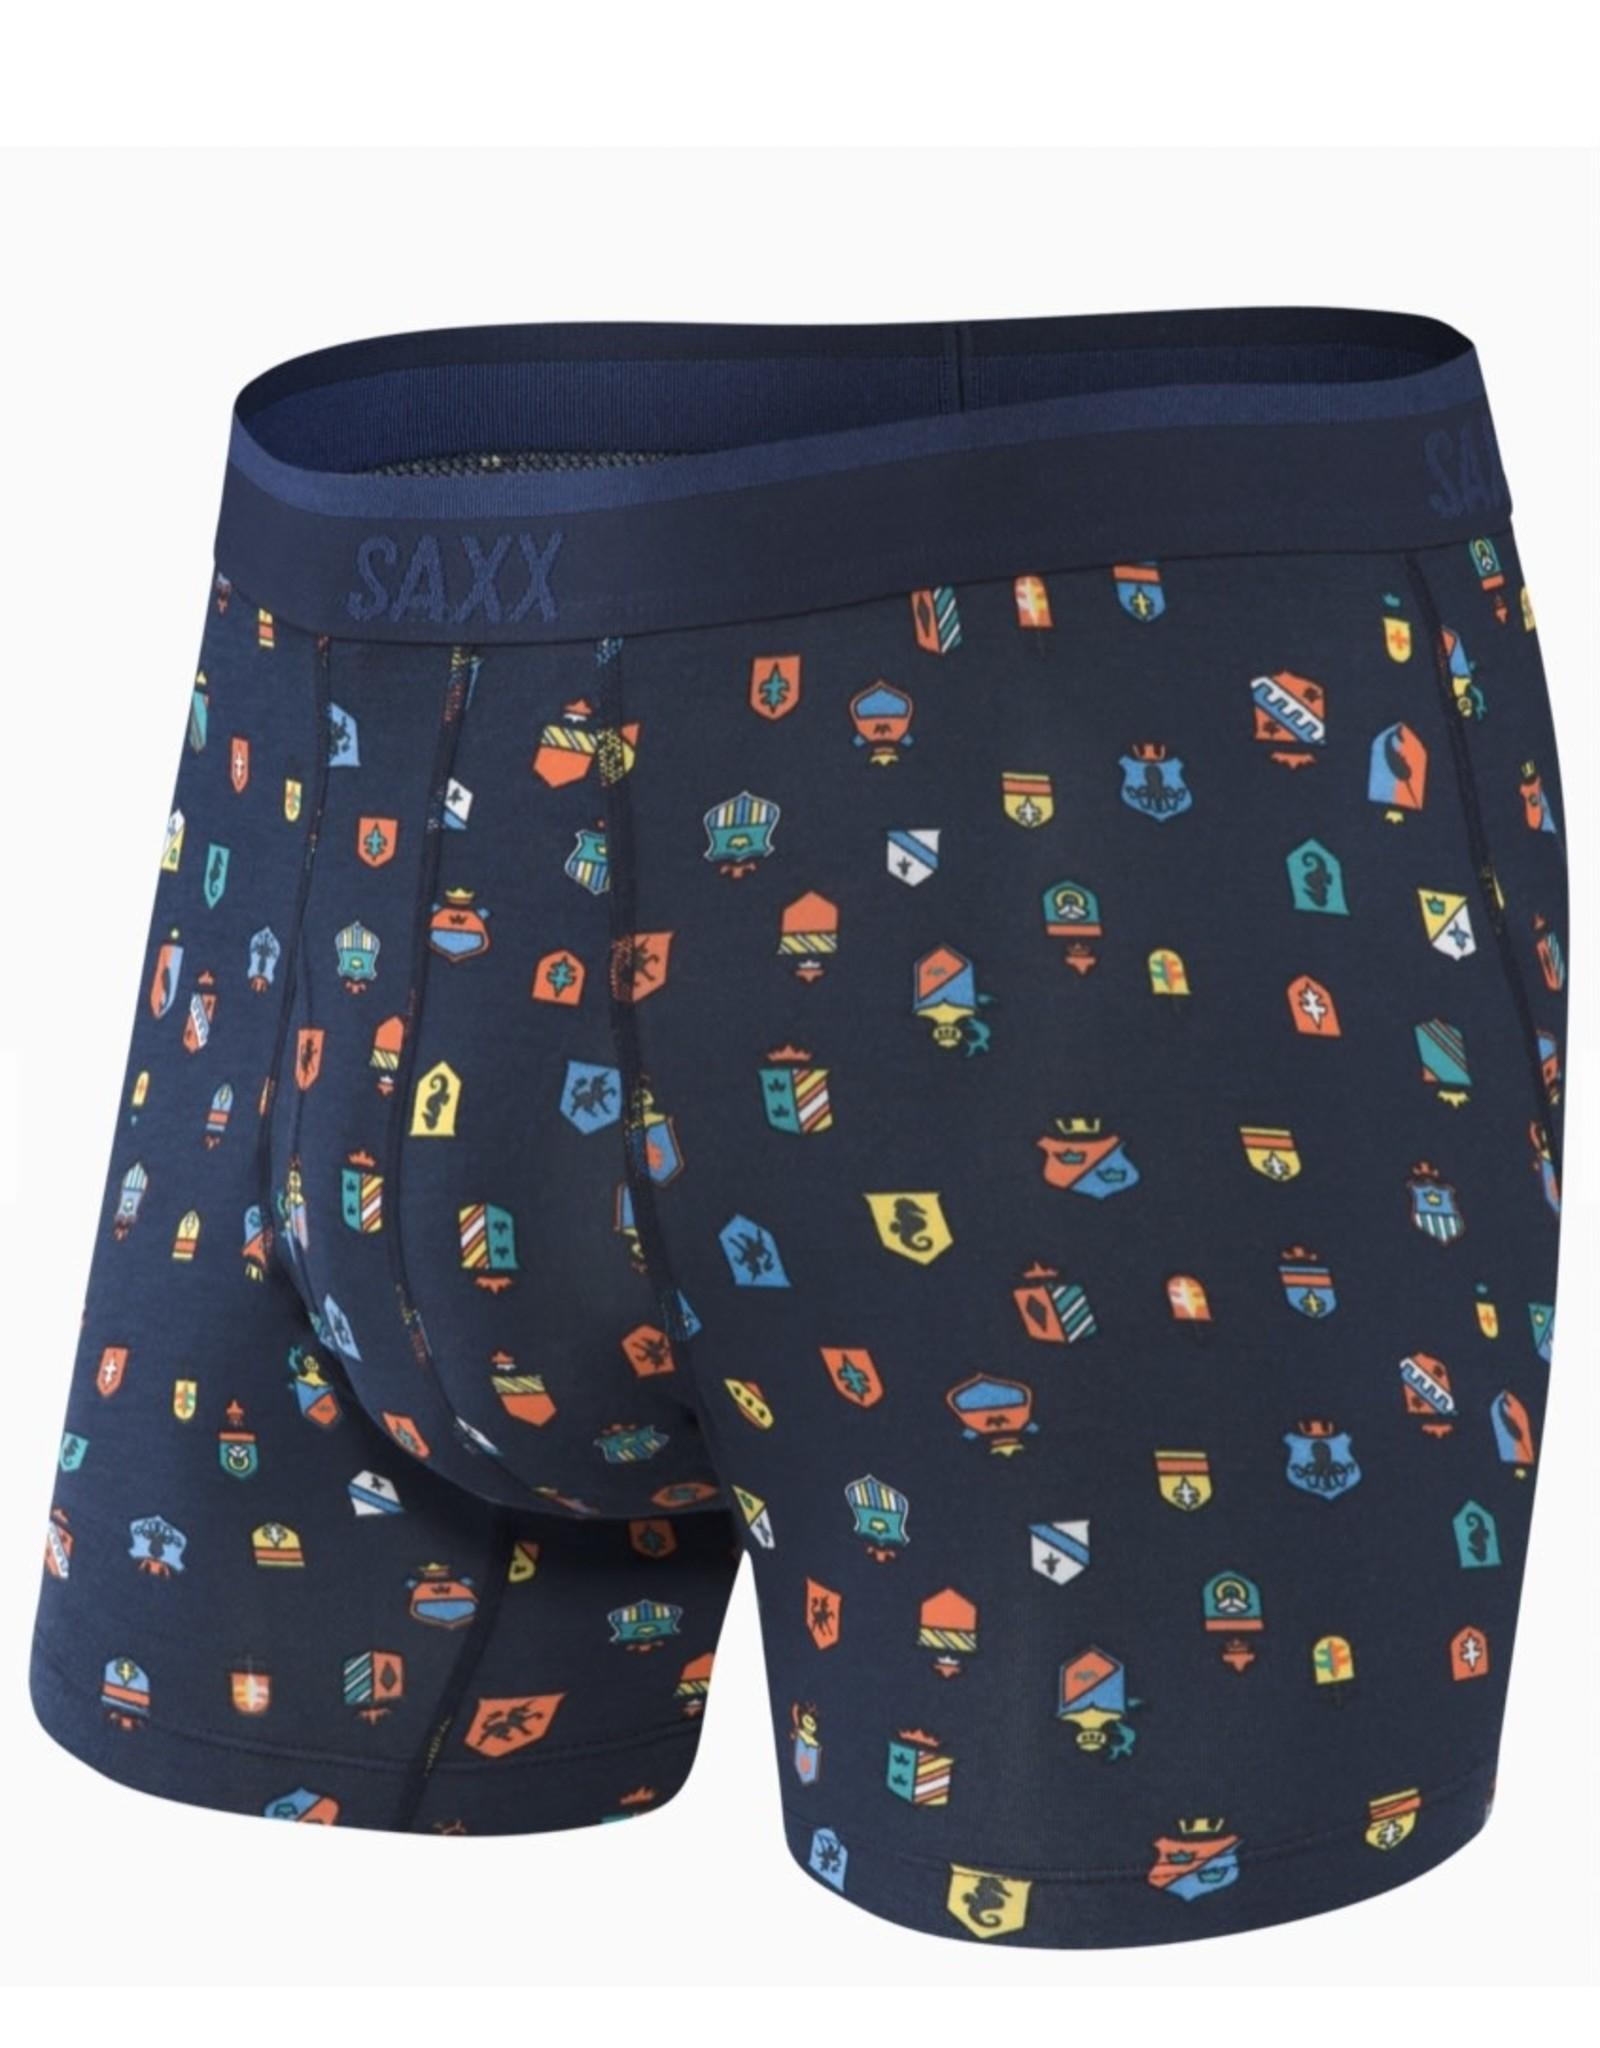 SAXX Underwear Co. Platinum Boxer Brief Fly